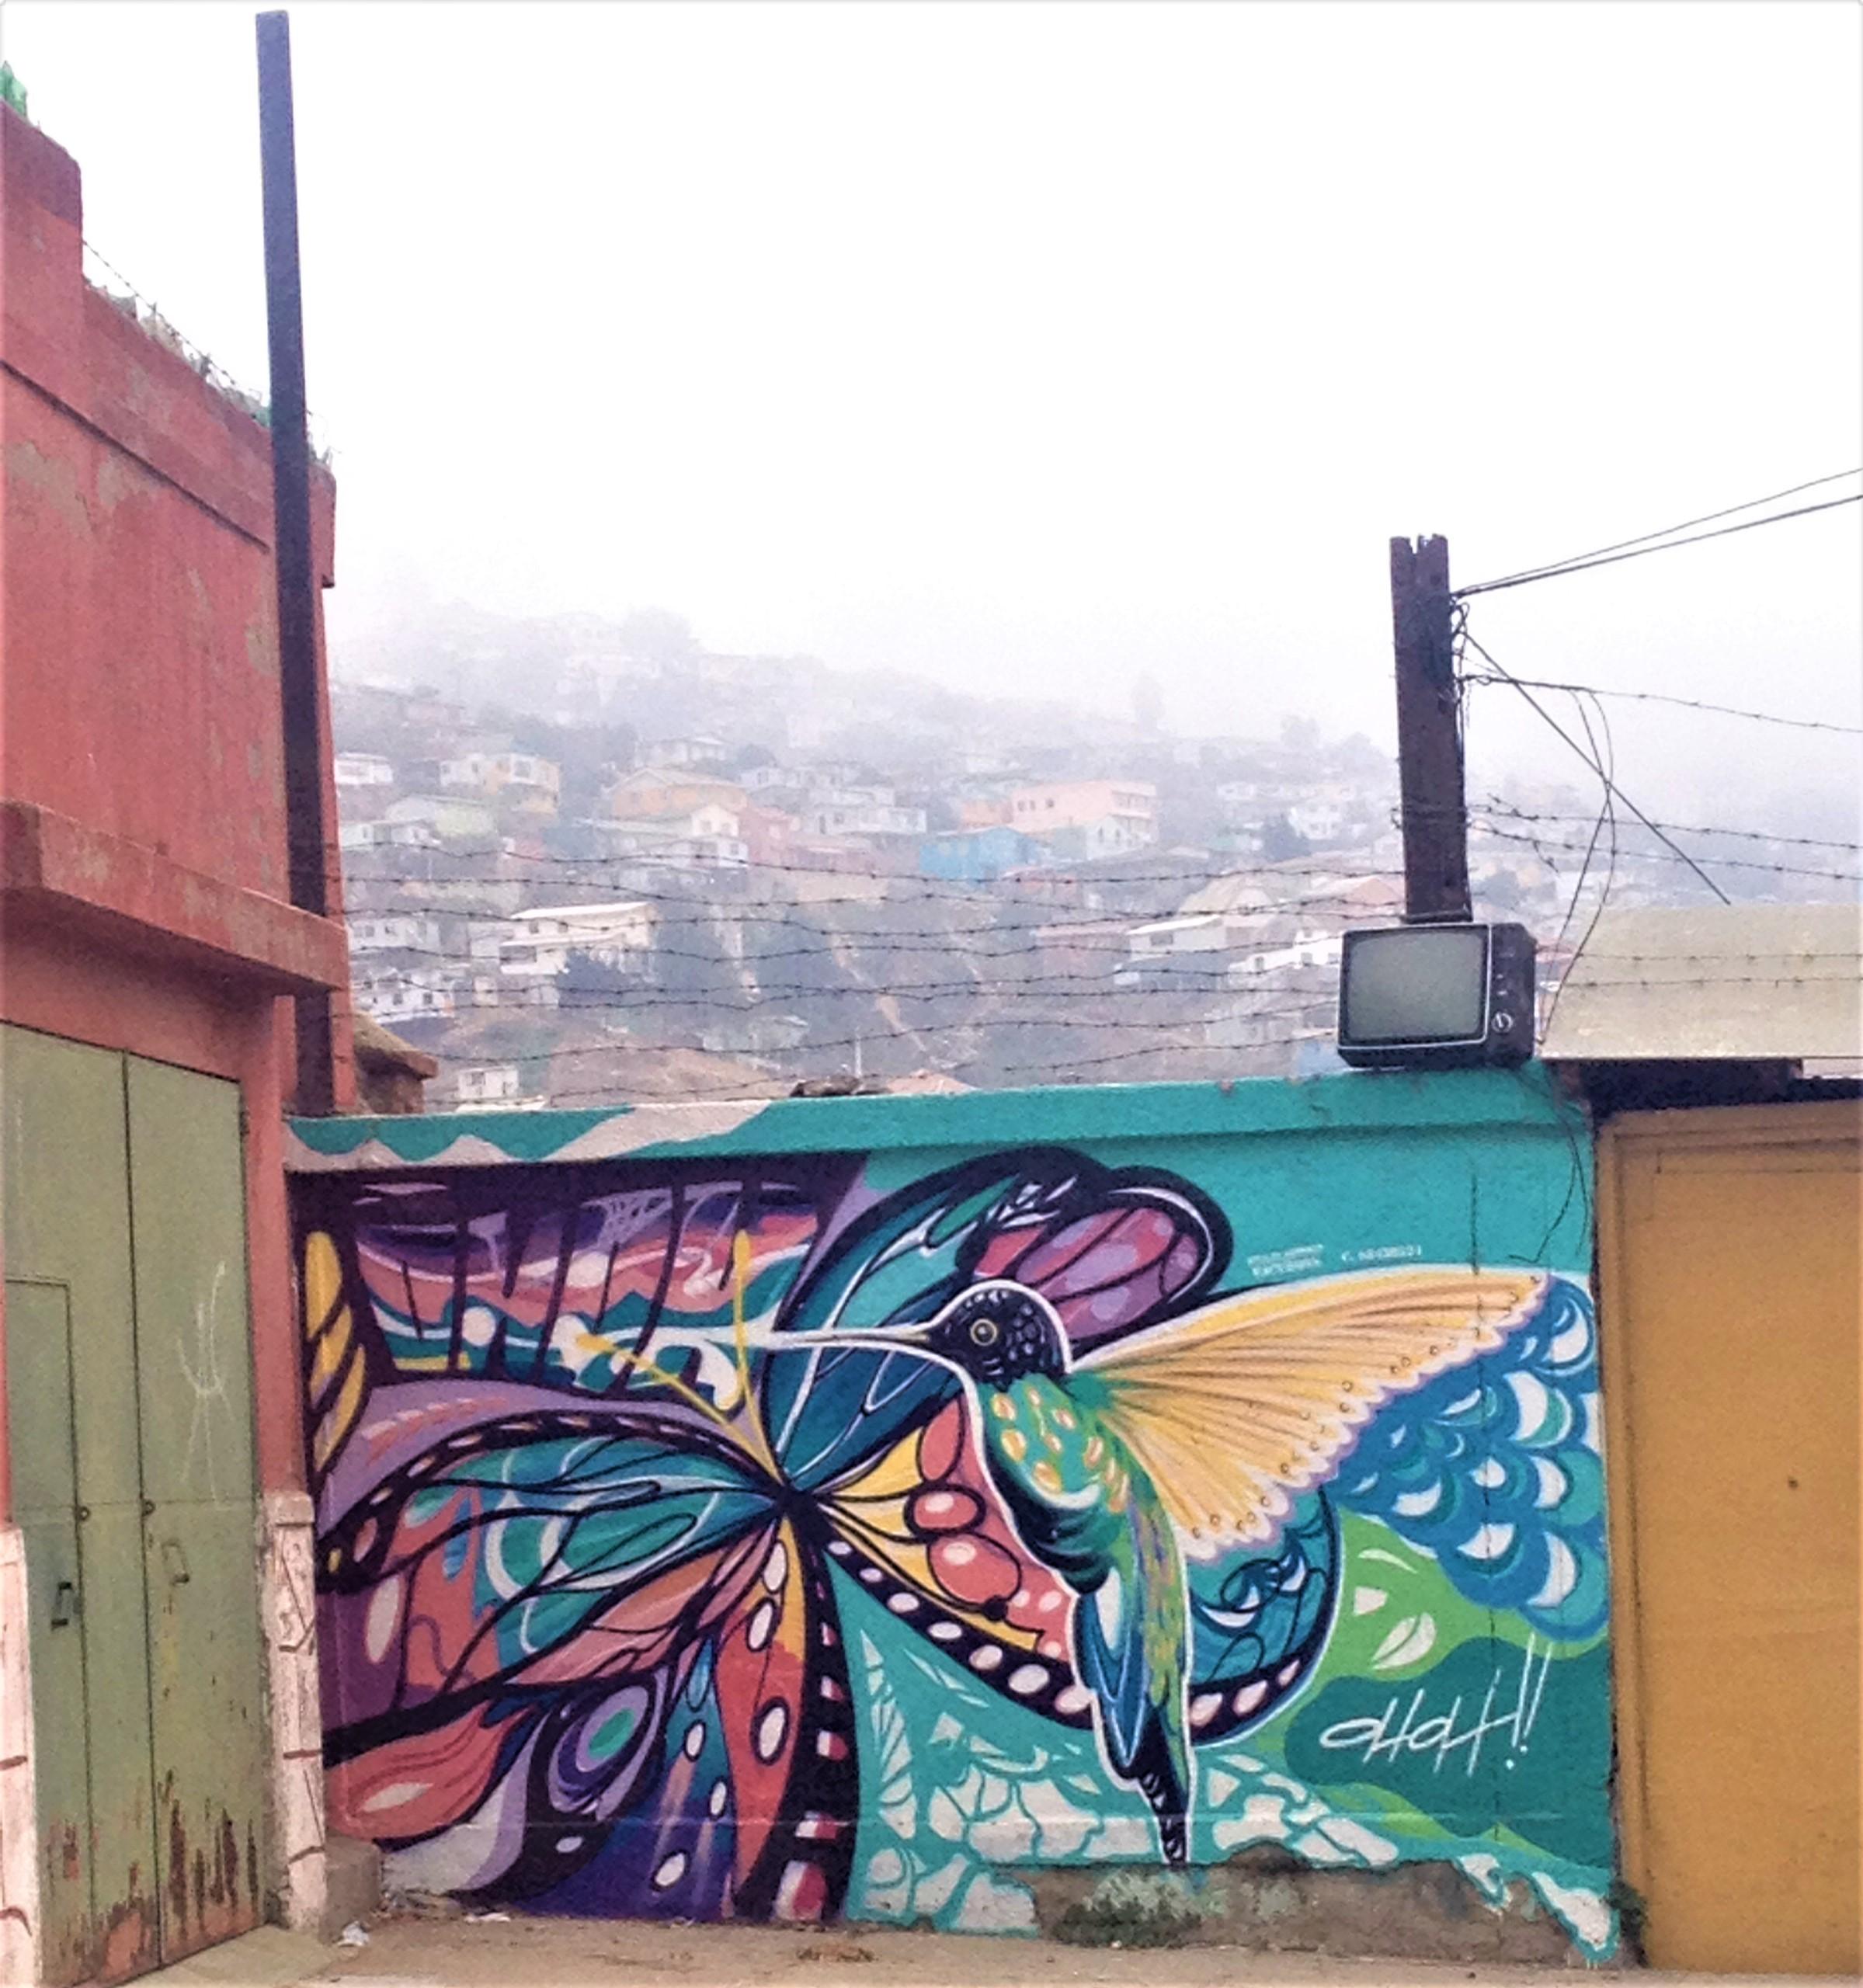 valparaiso, chili, amérique du sud